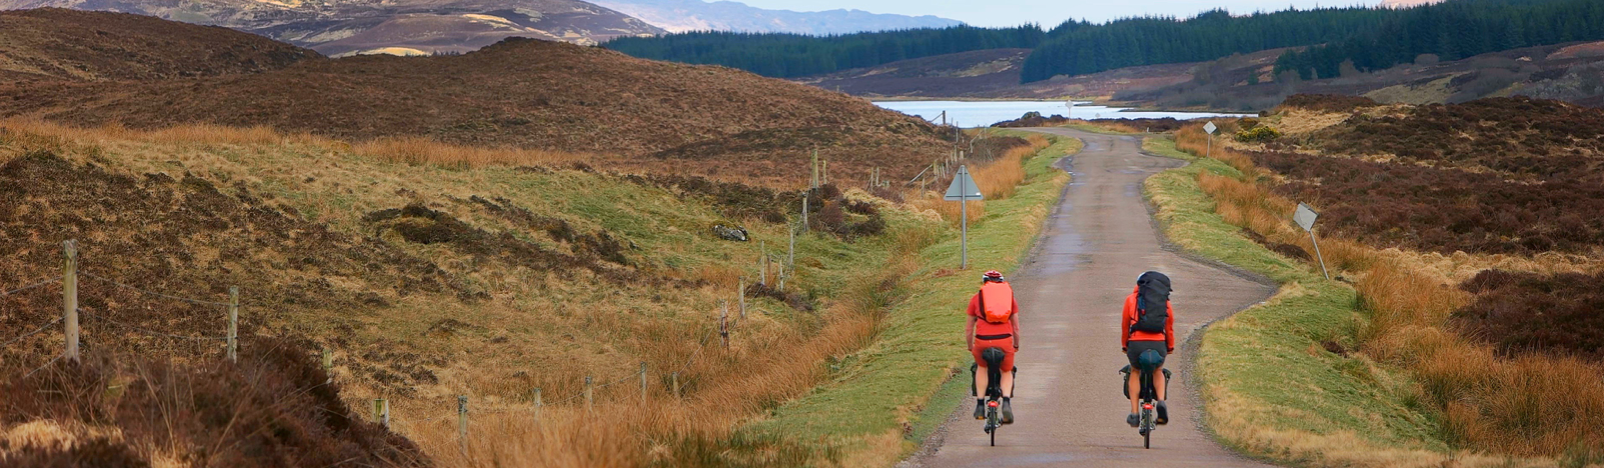 explore brompton bicycle